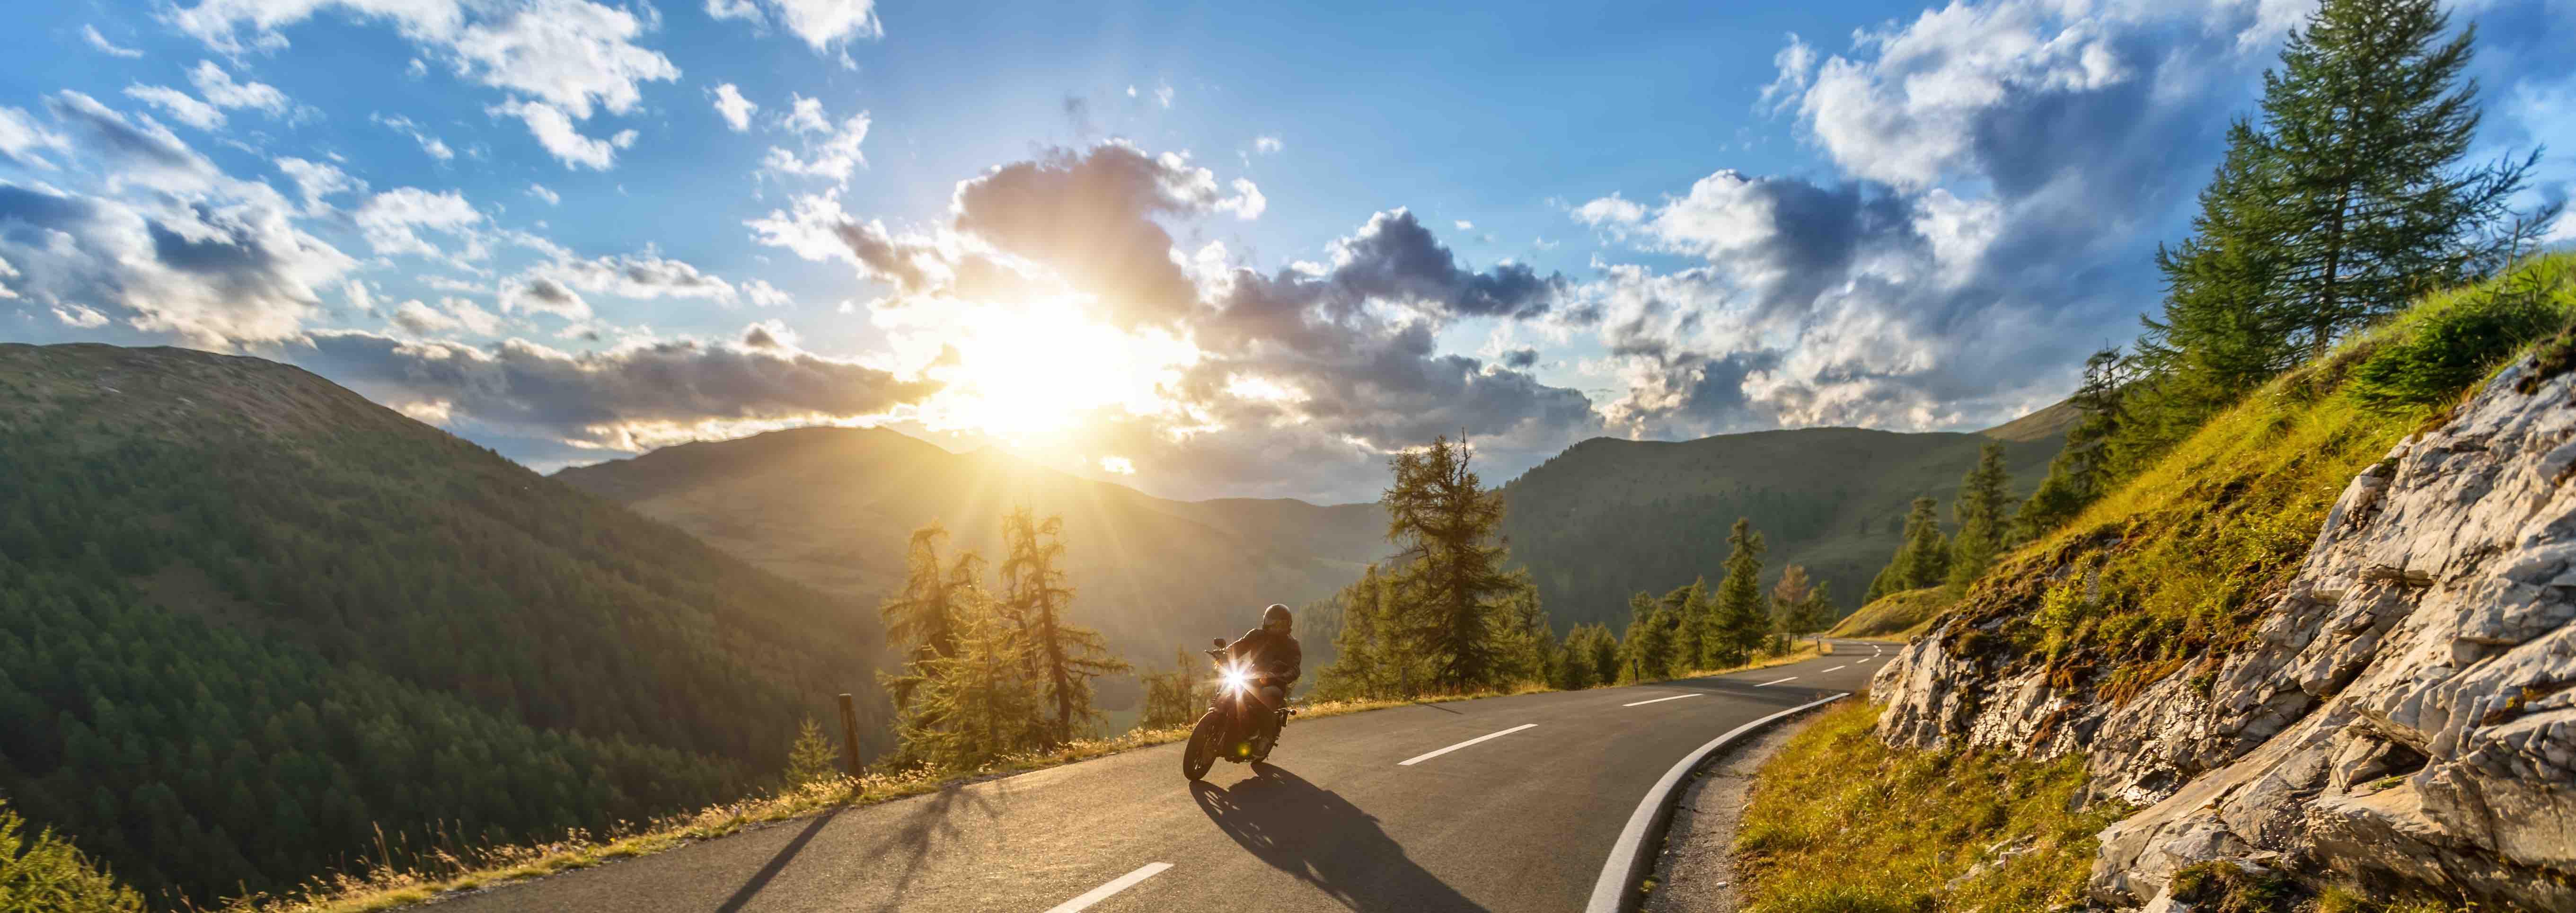 motor-rijden-vrijheid